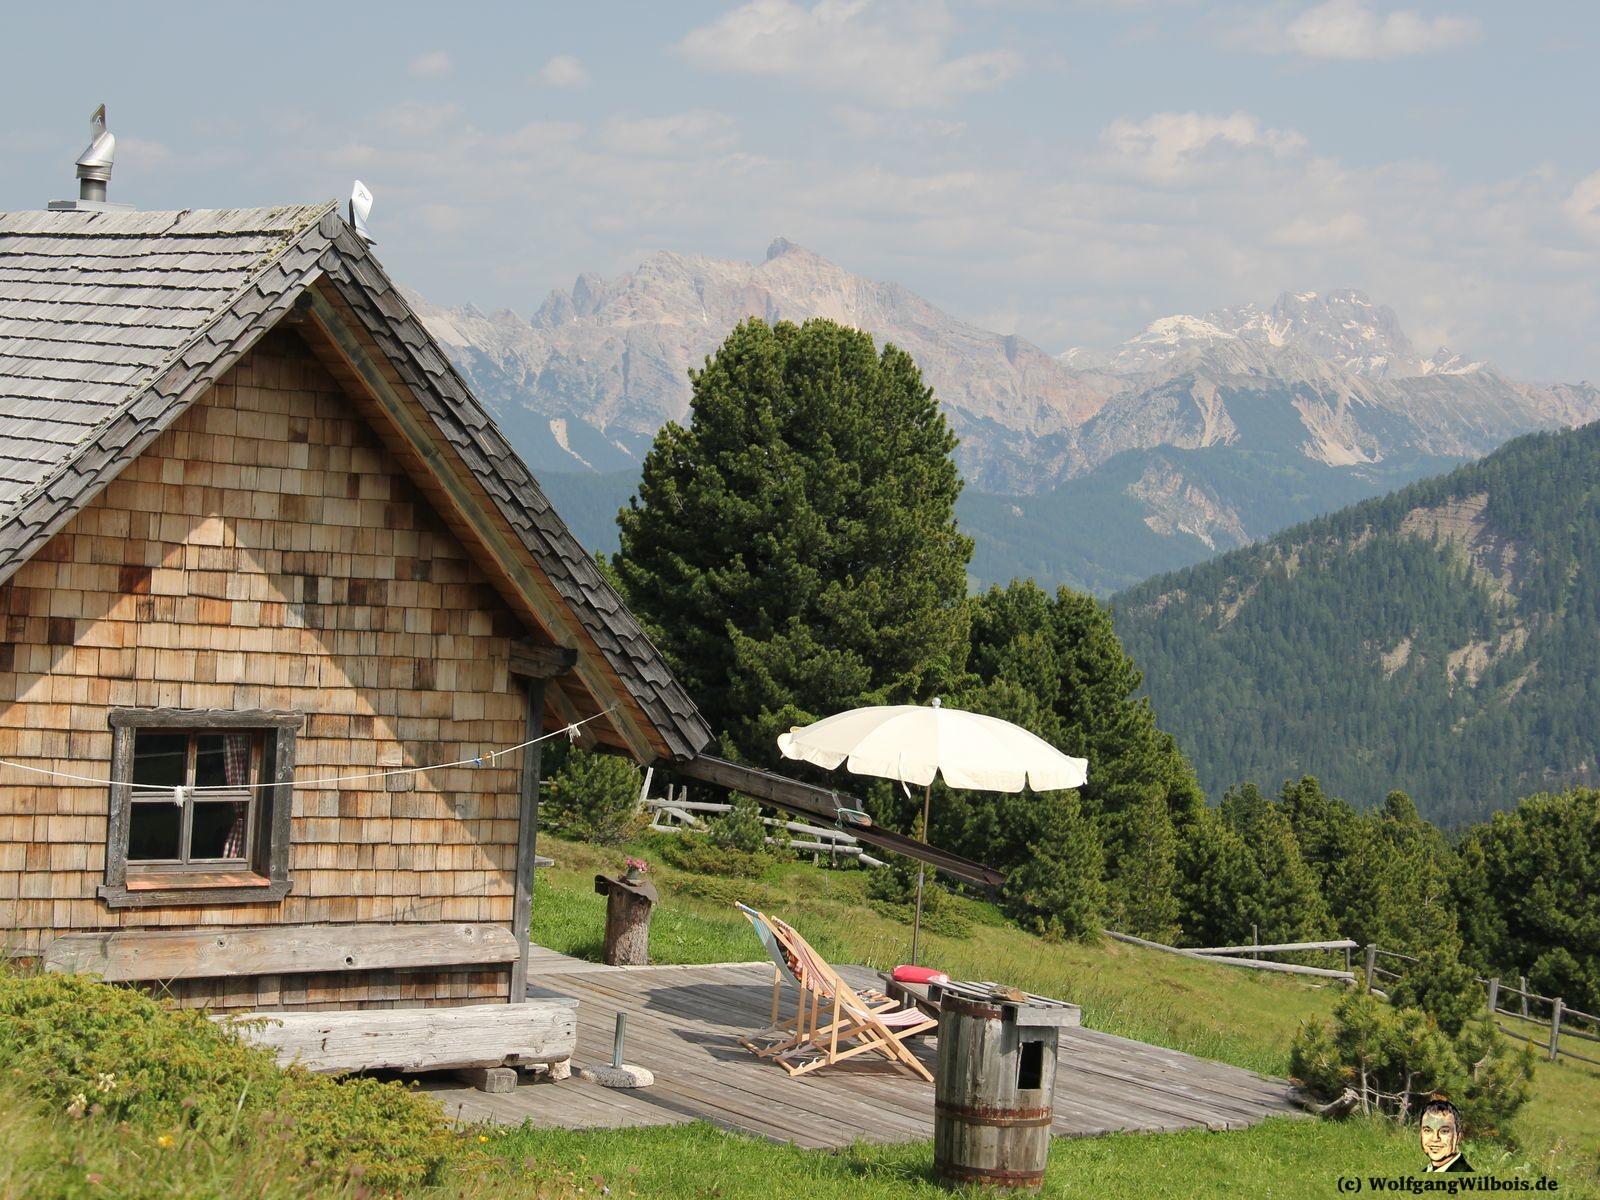 Costaces Huette Wuerzjoch Terrasse